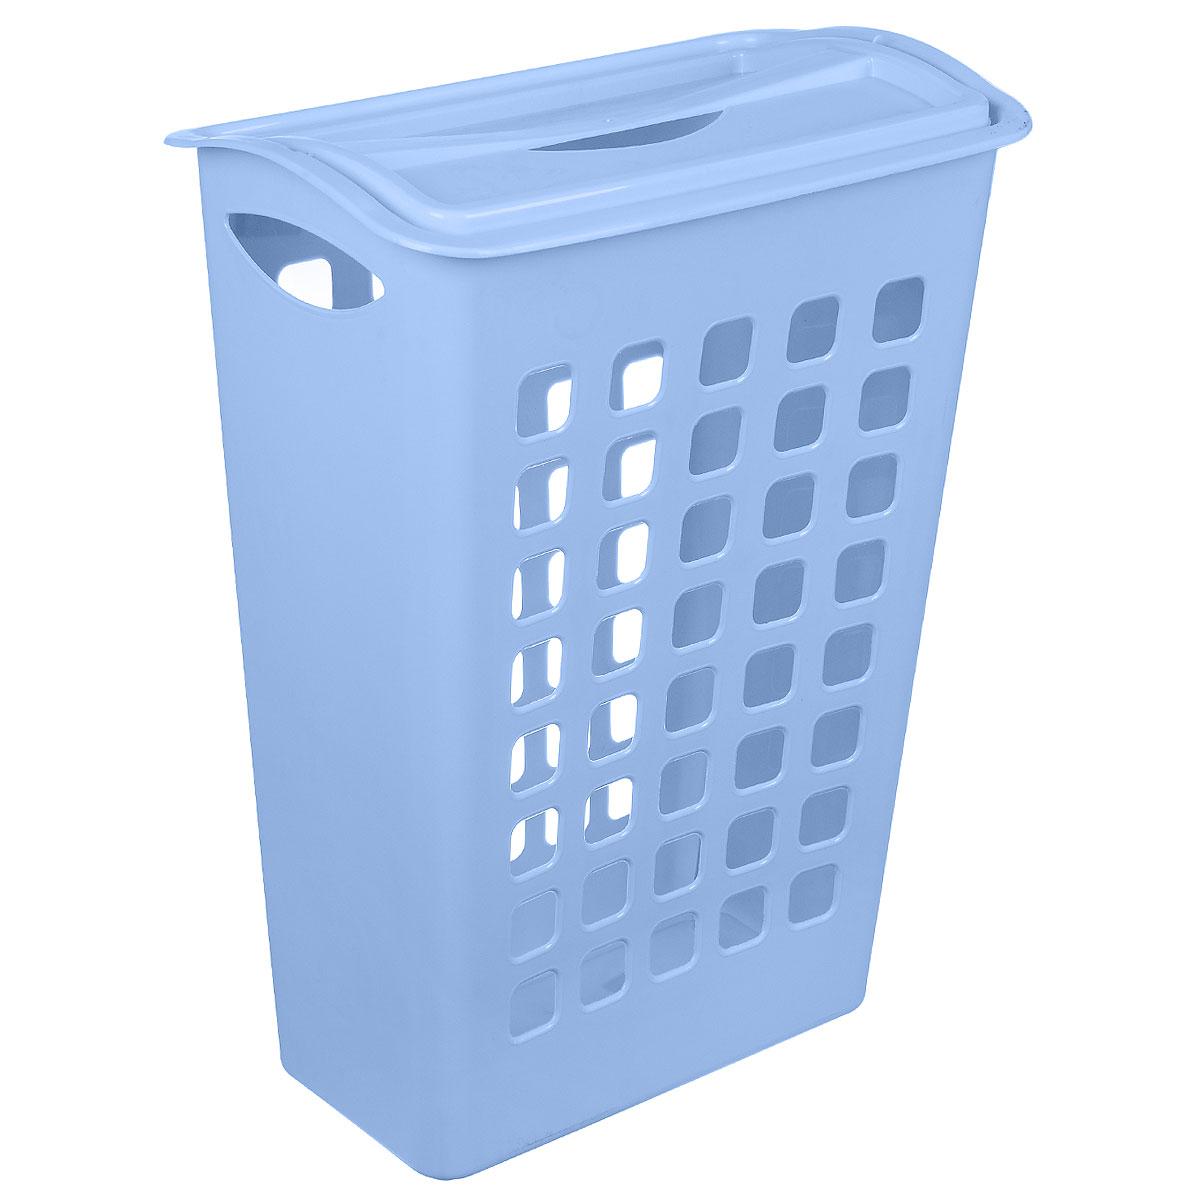 Корзина для белья Бытпласт, цвет: голубой, 43 см х 26 см х 58 смС12554Узкая корзина для белья Бытпласт изготовлена из прочного полипропилена. Она отлично подойдет для хранения белья перед стиркой. Специальные отверстия на стенках создают идеальные условия для проветривания. Изделие оснащено крышкой. Такая корзина для белья прекрасно впишется в интерьер ванной комнаты.